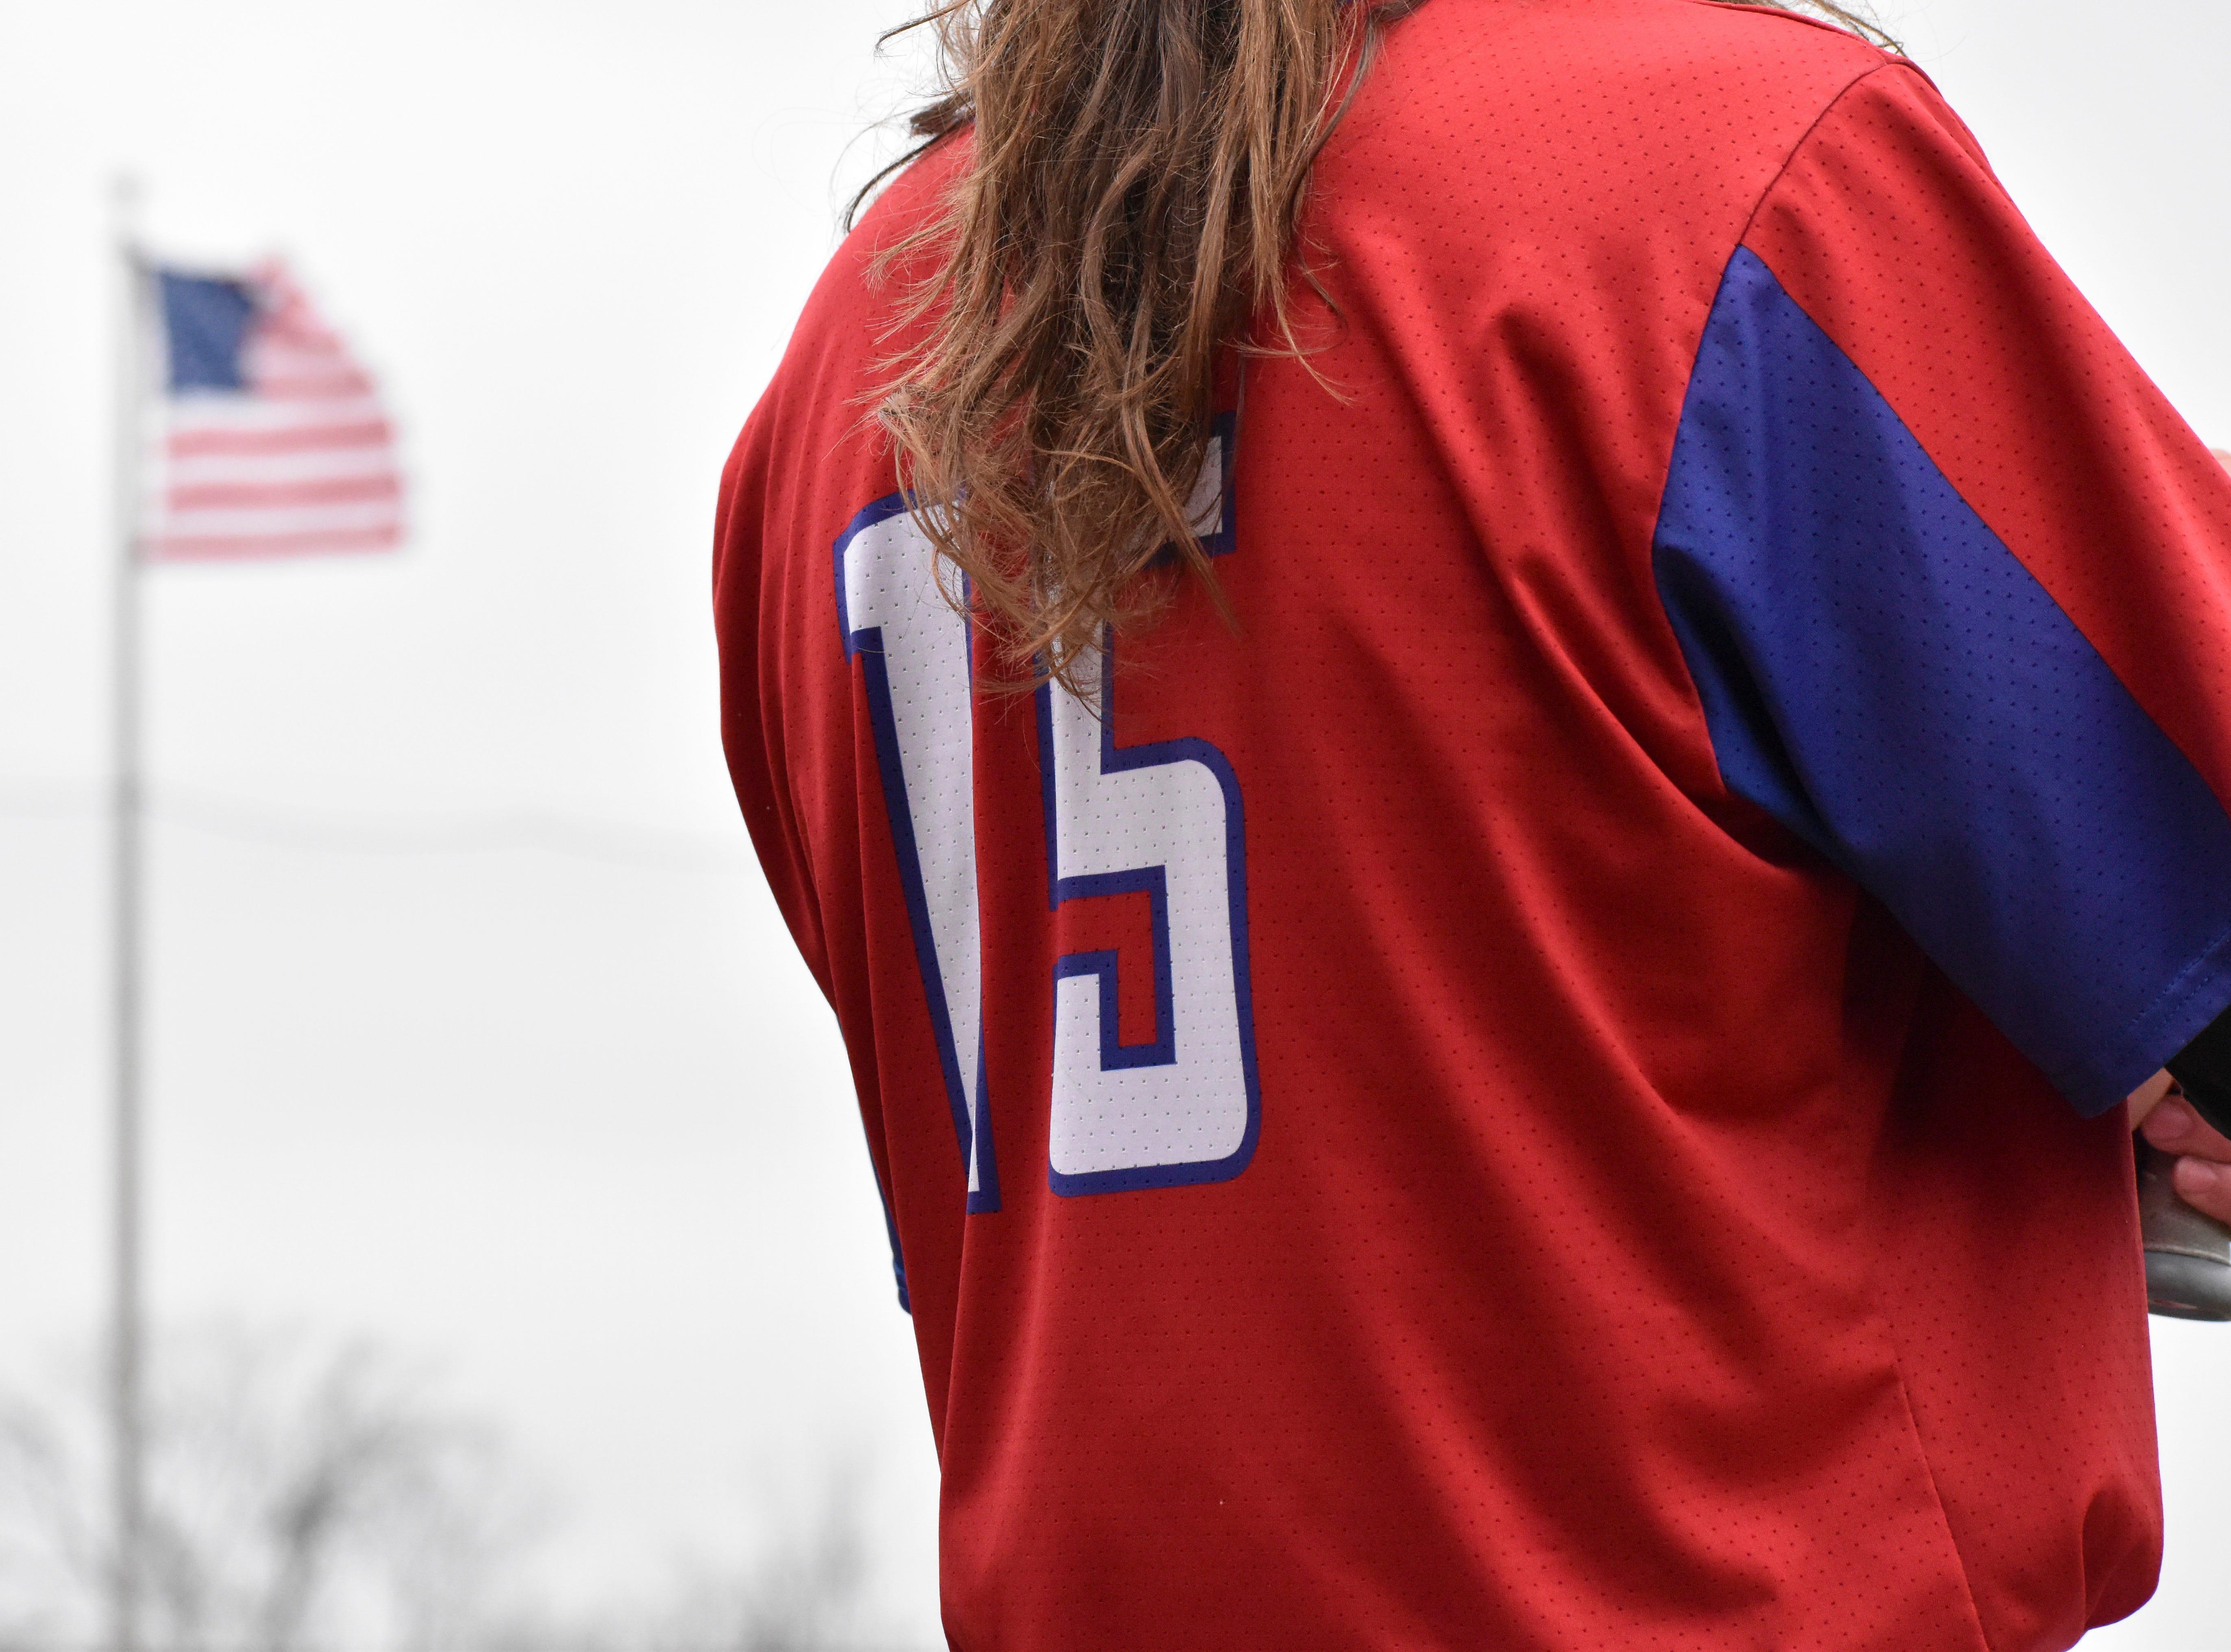 Zane Trace defeated Washington High School 10-0 Friday night at Washington Courthouse, Ohio.